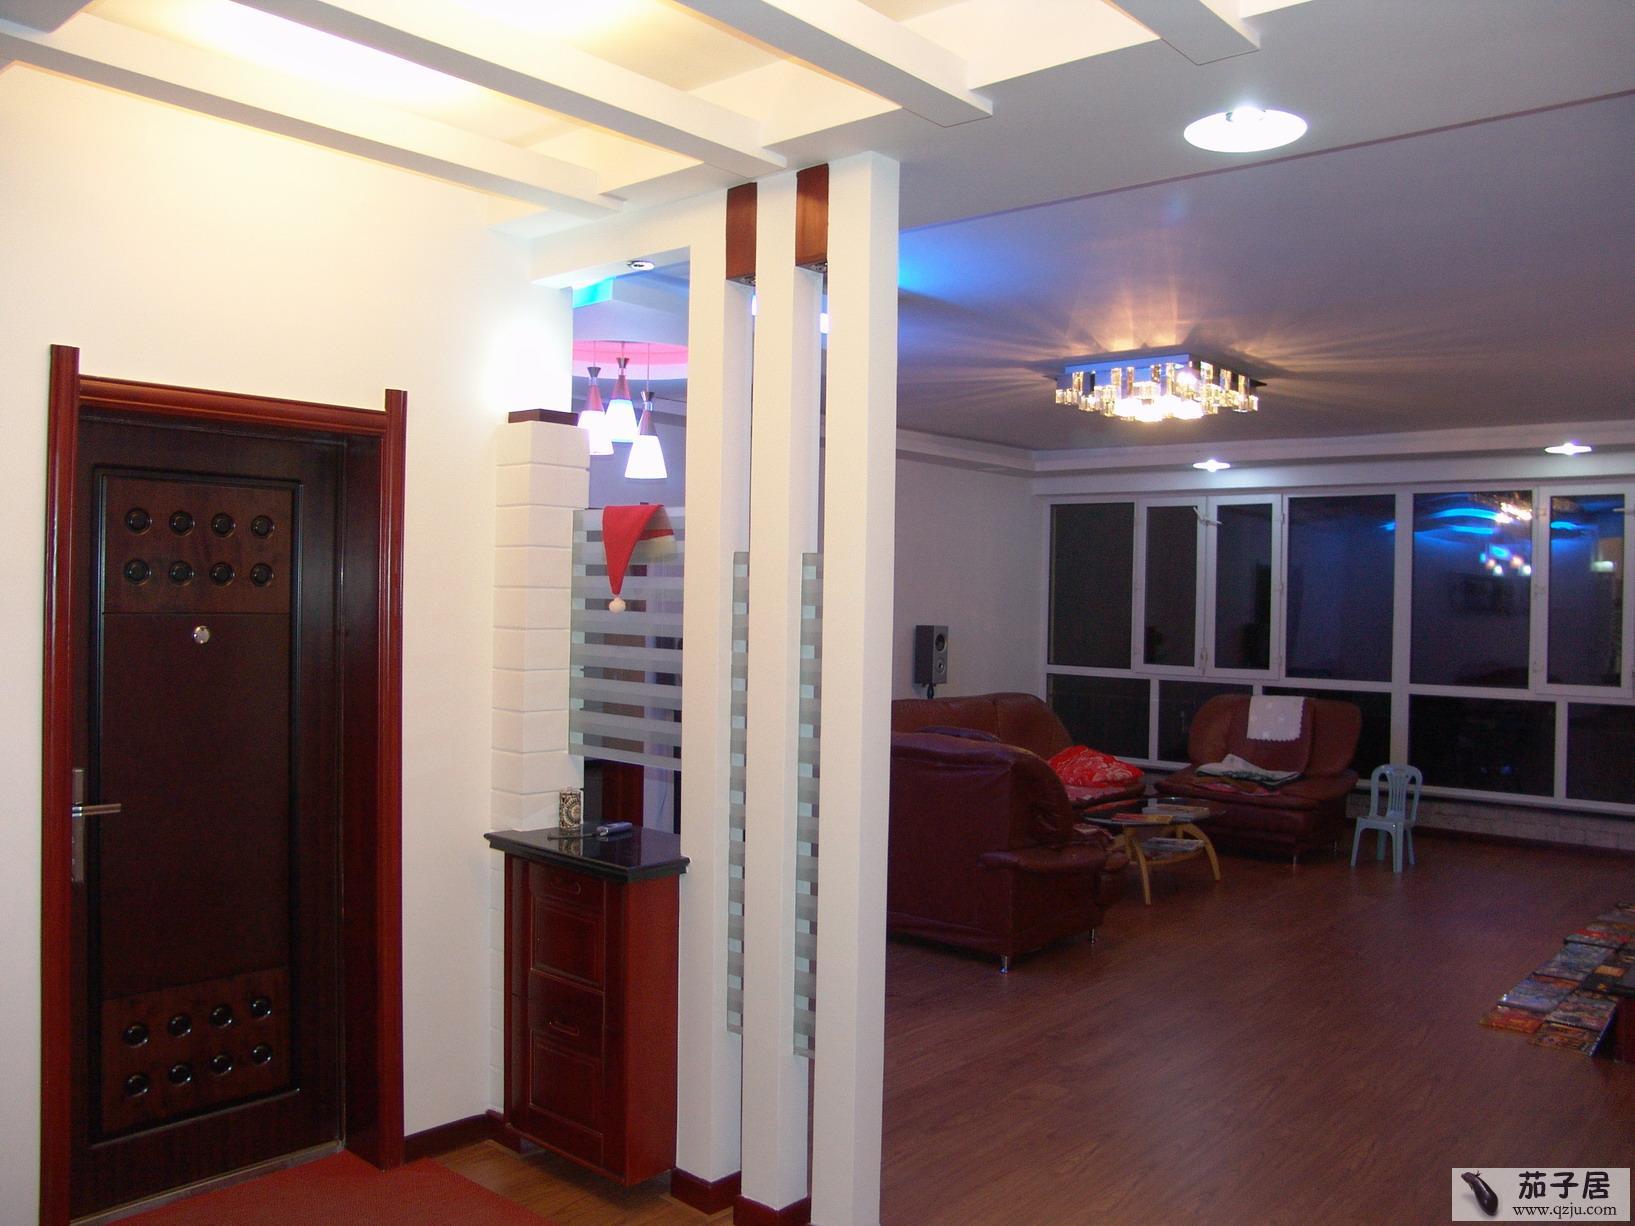 玄关装饰柜效果图 进门玄关柜效果图 新中式玄关柜效果图